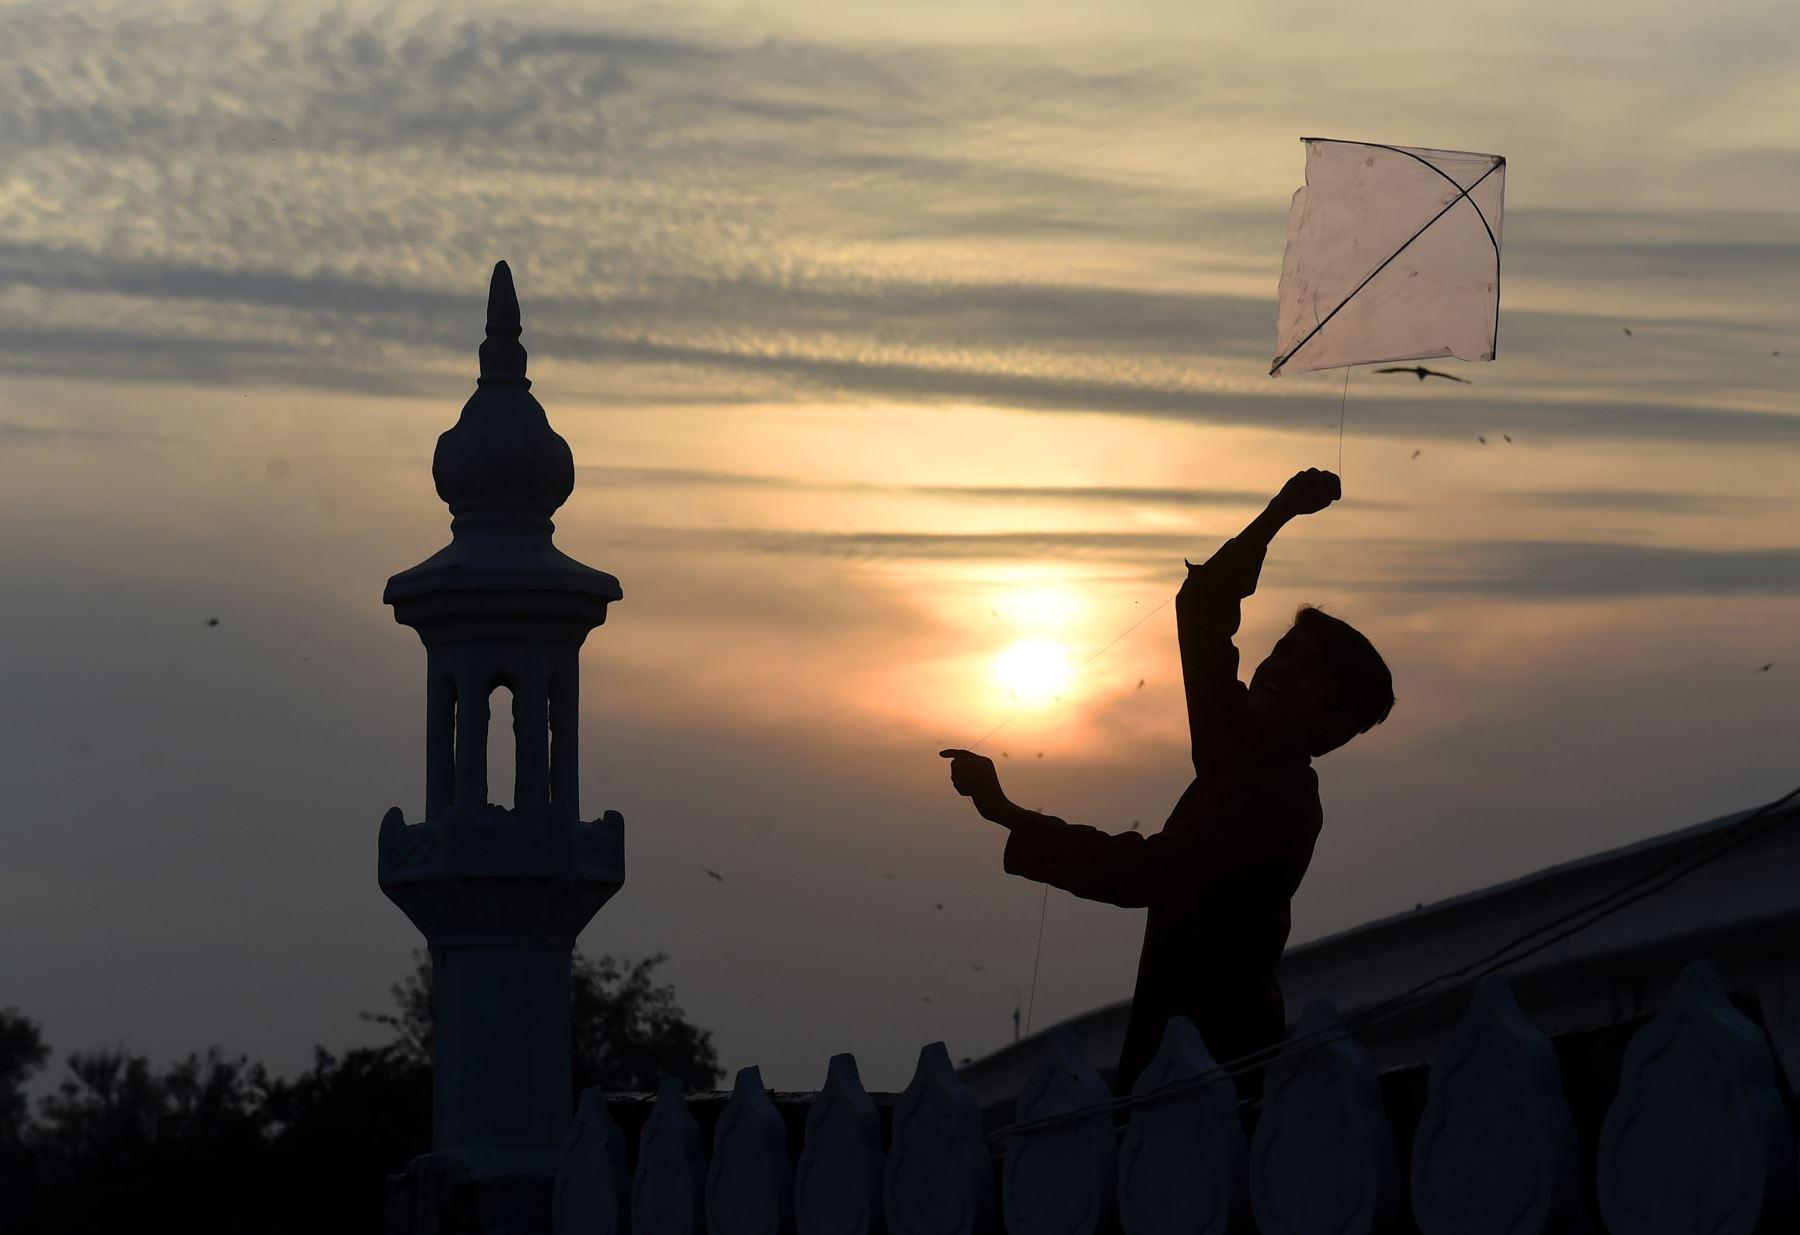 Un niño pakistaní vuela una cometa en el techo de una mezquita durante la puesta de sol en Lahore el 11 de febrero de 2019. Foto: AFP/ARIF ALI